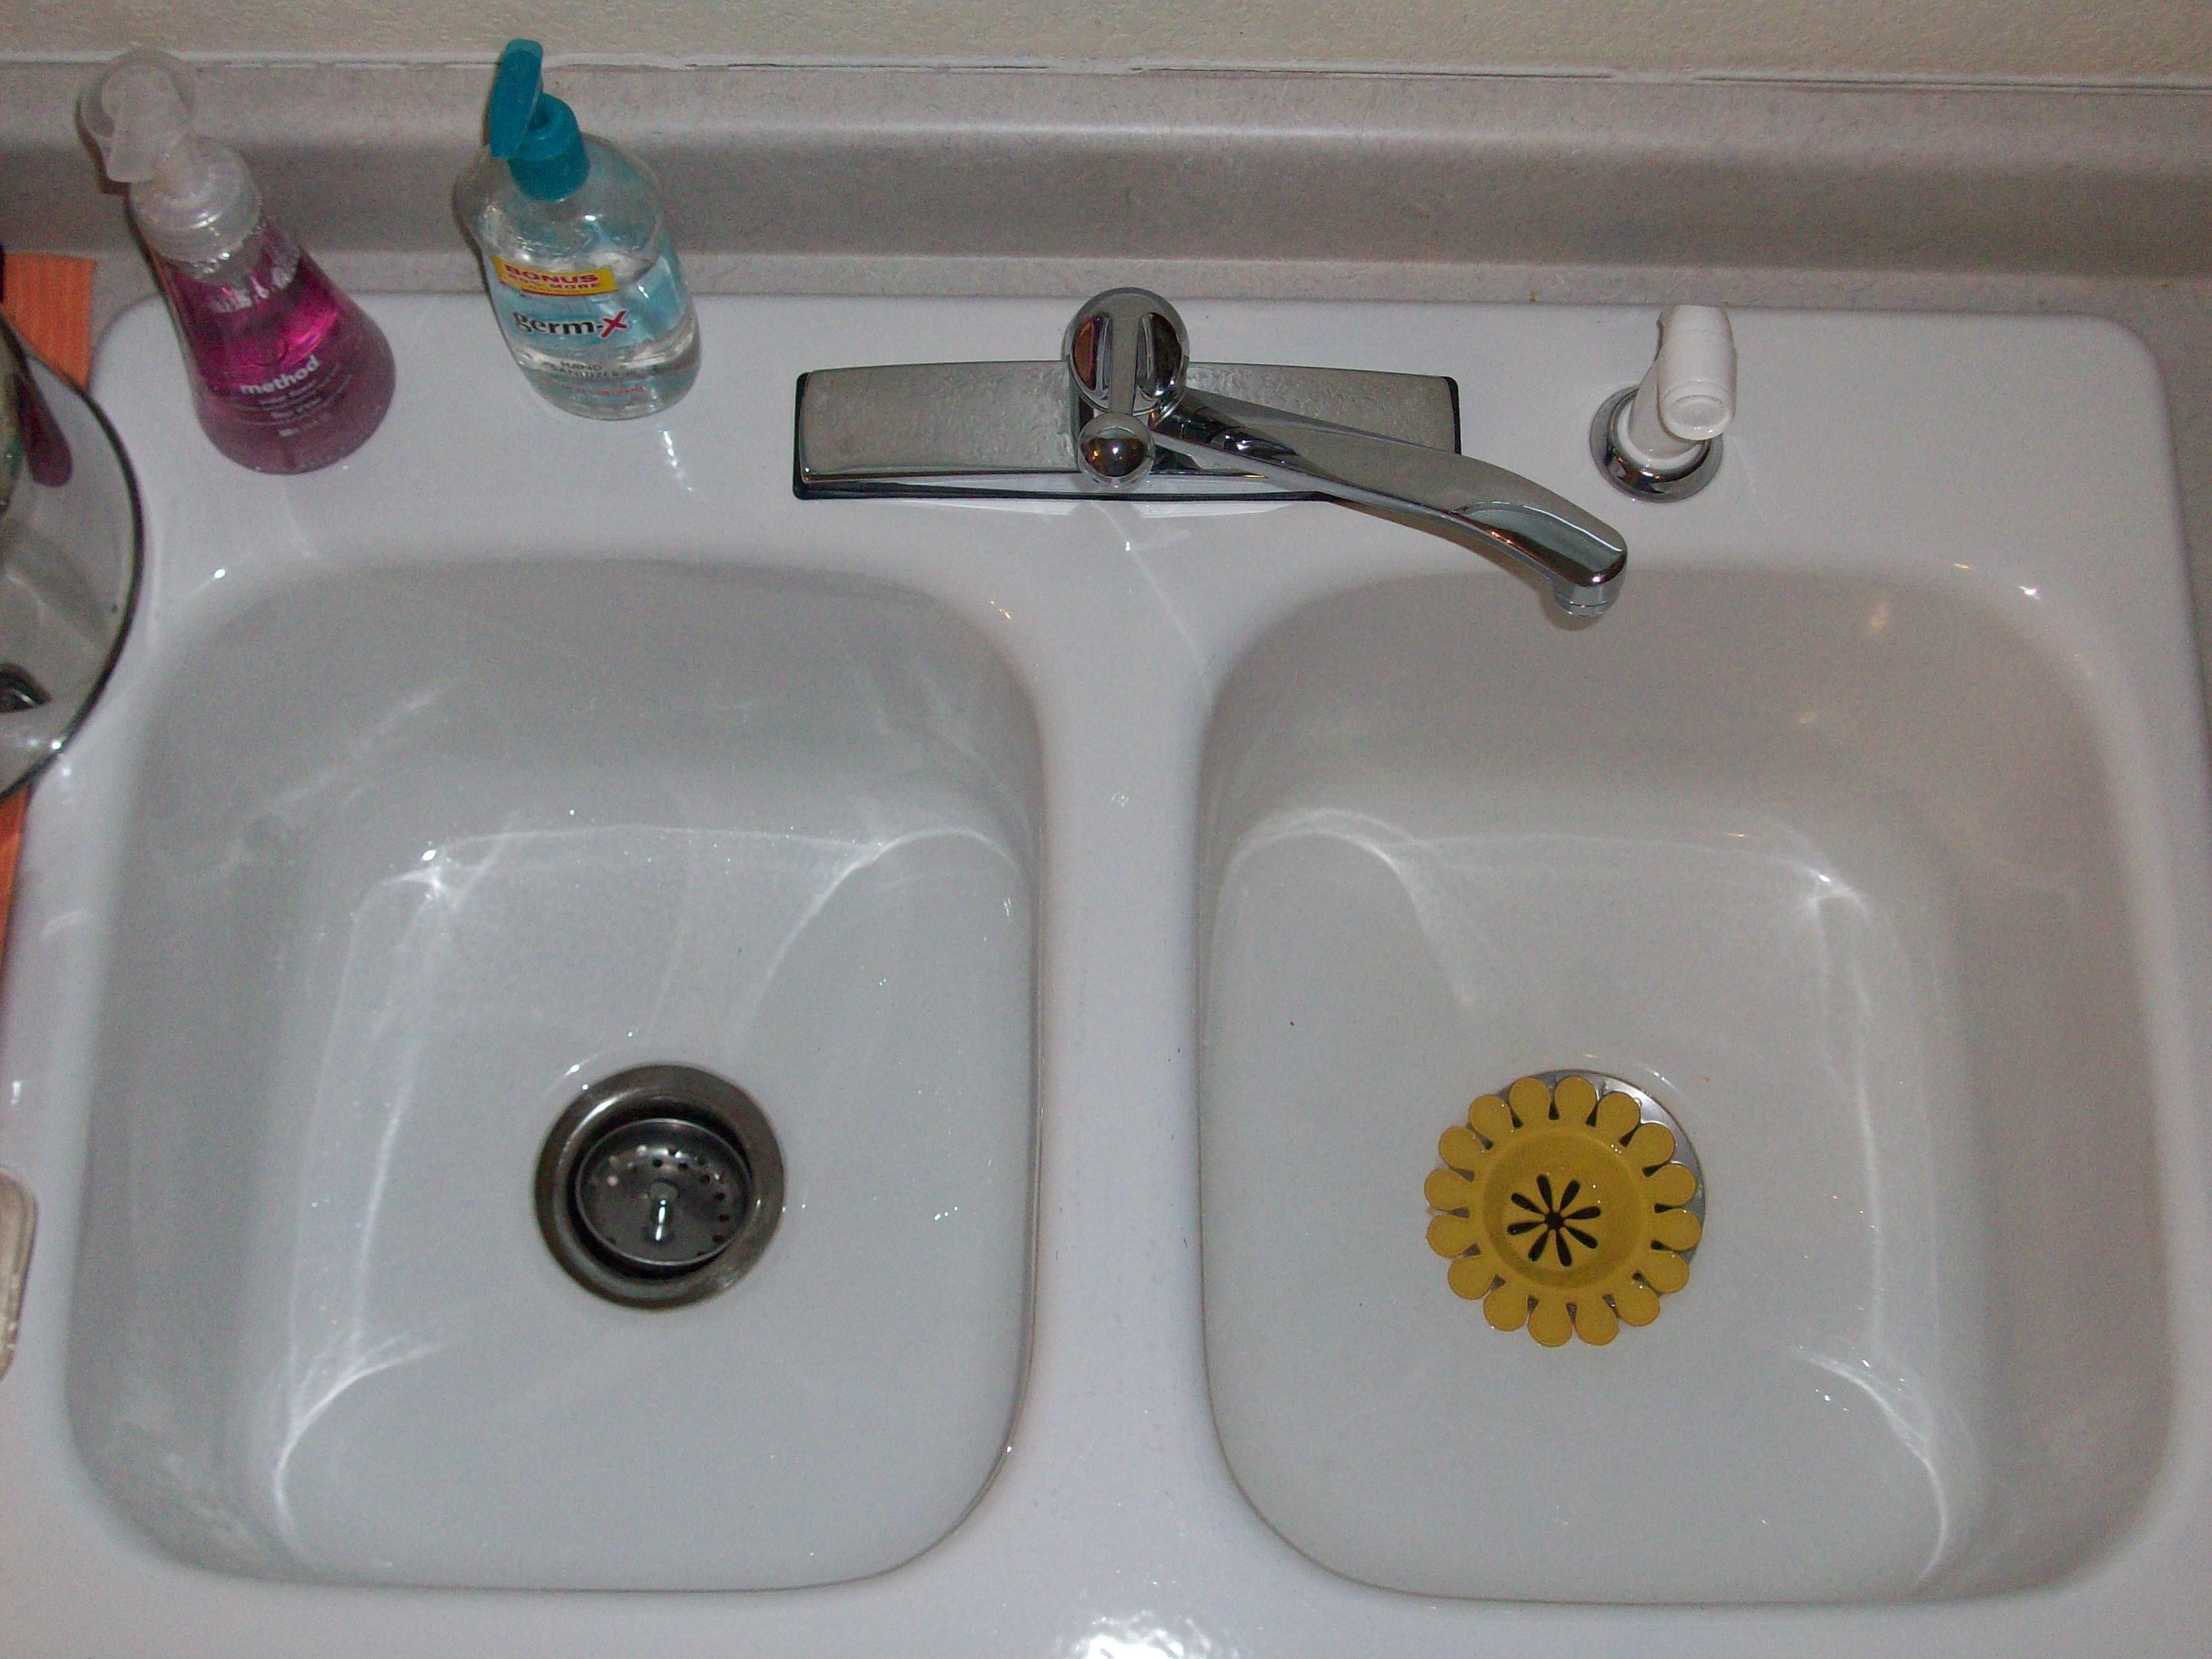 My amazing kitchen sink!